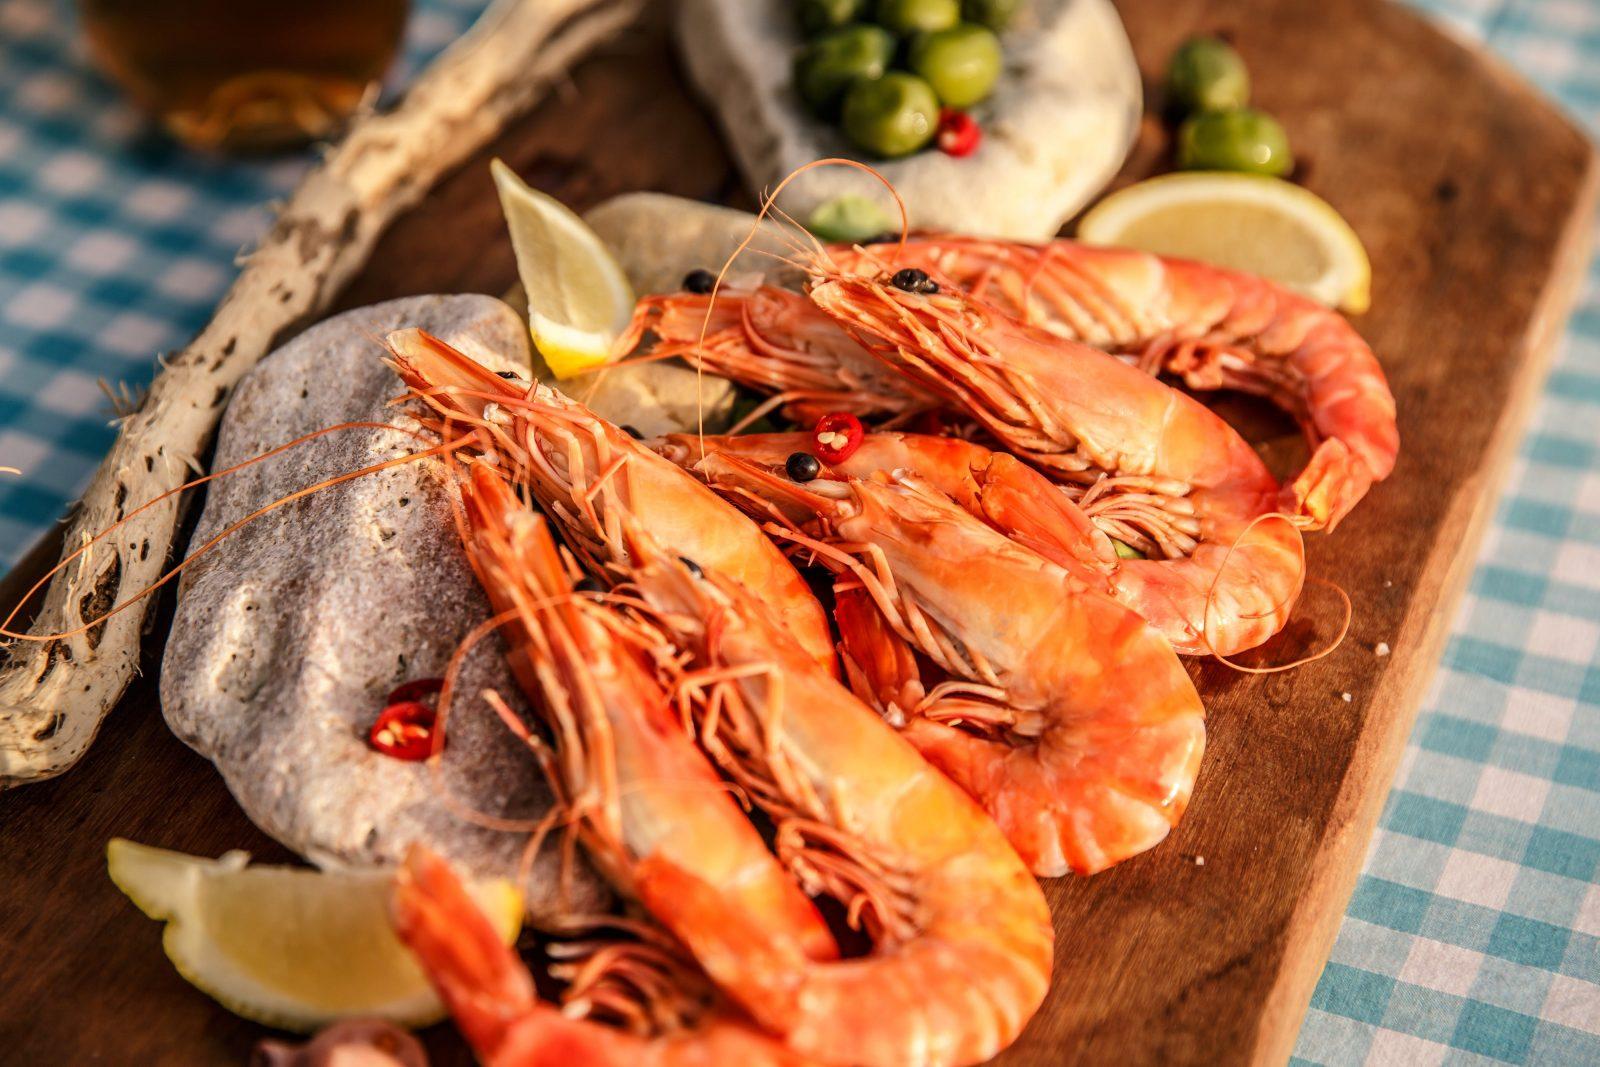 South Australian prawns